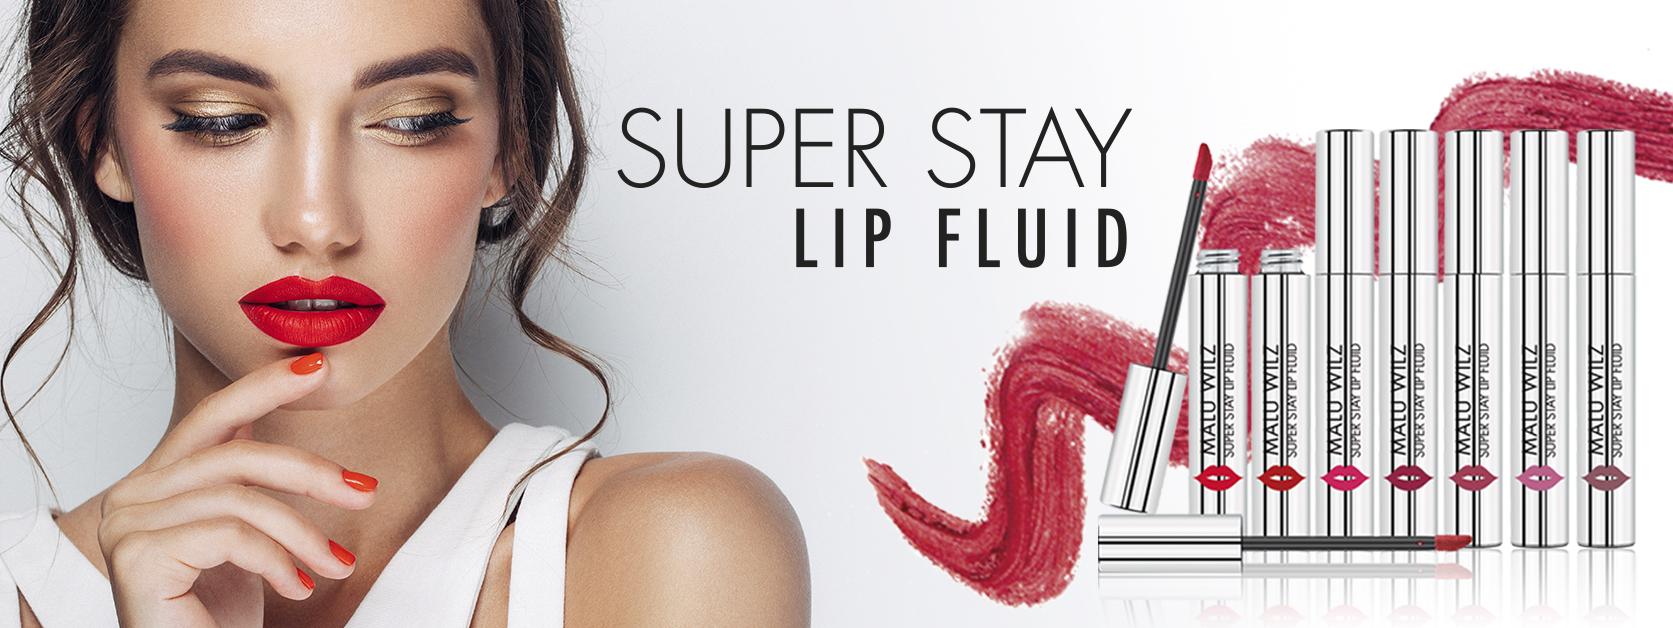 junge Frau mit matten Lippen